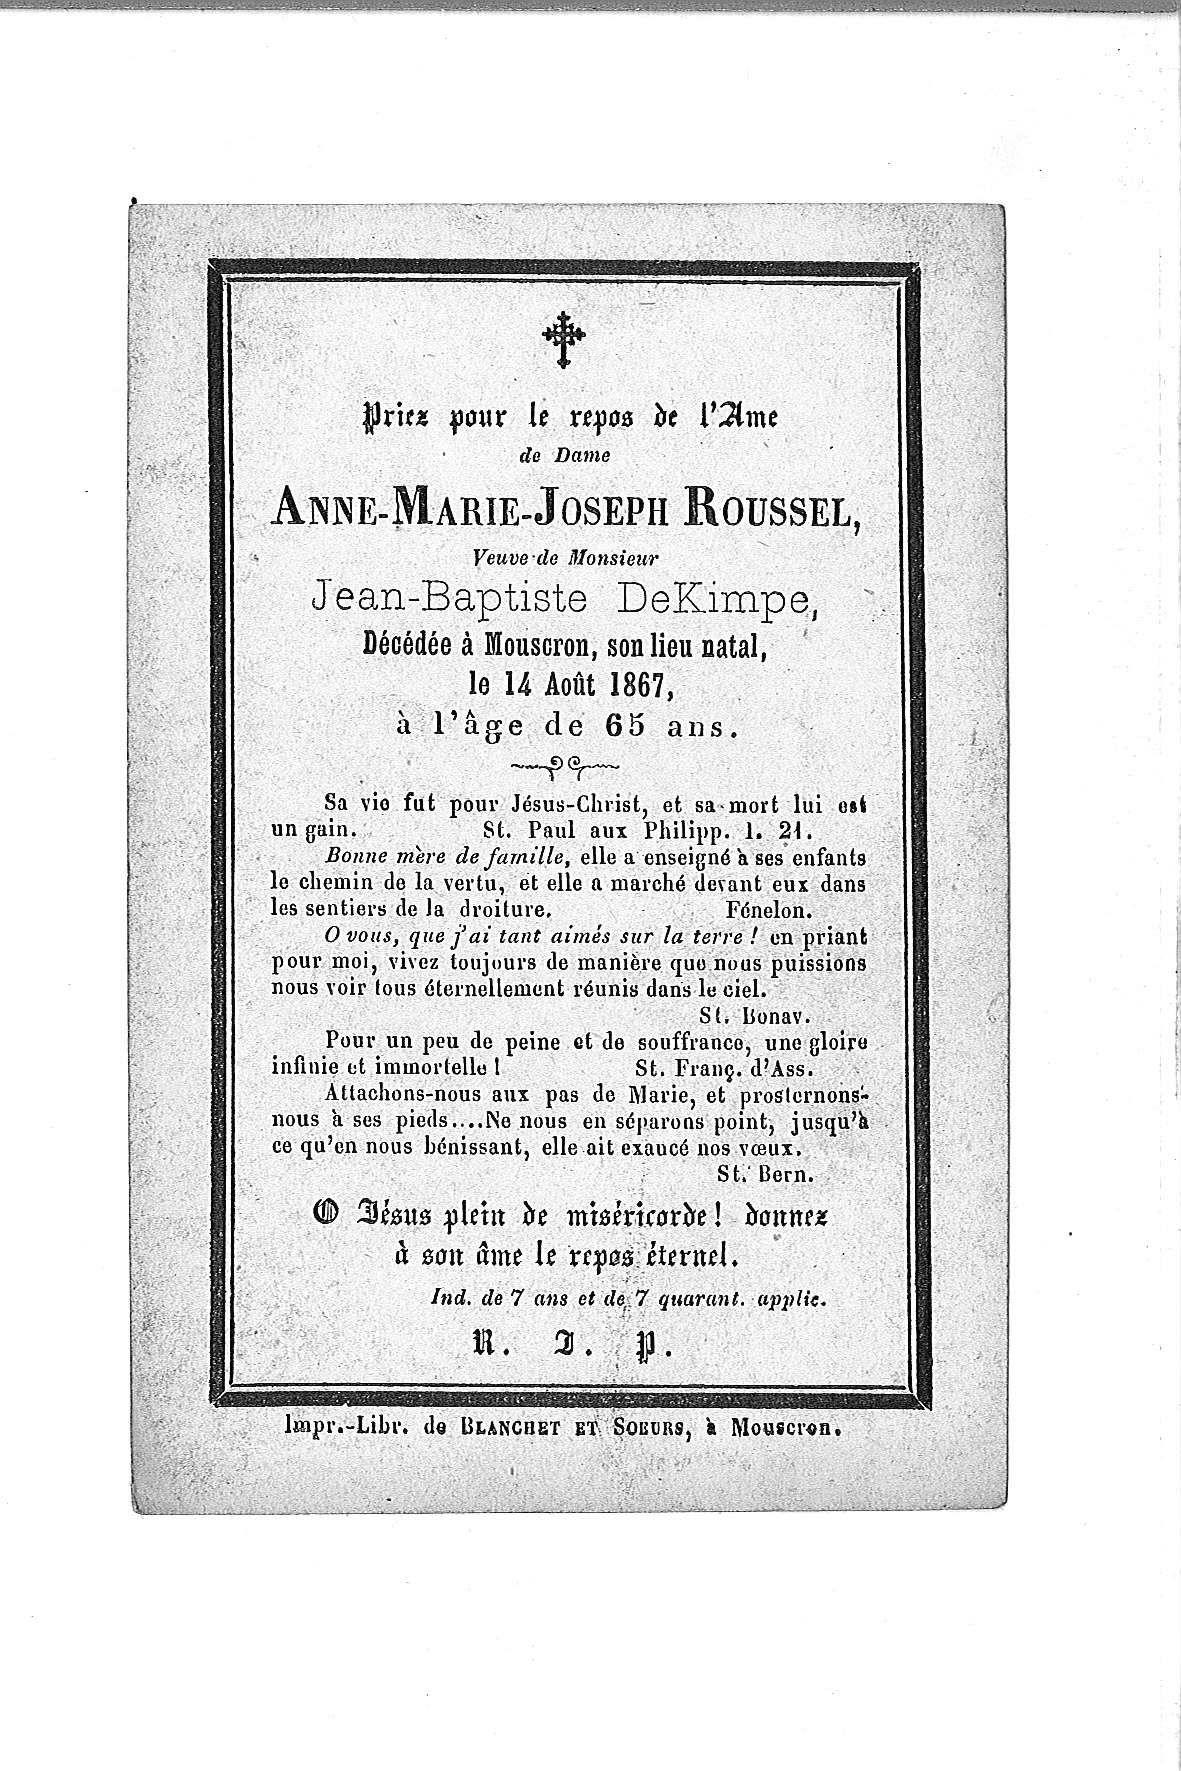 Anne-Marie-Joseph(1867)20120605094744_00010.jpg